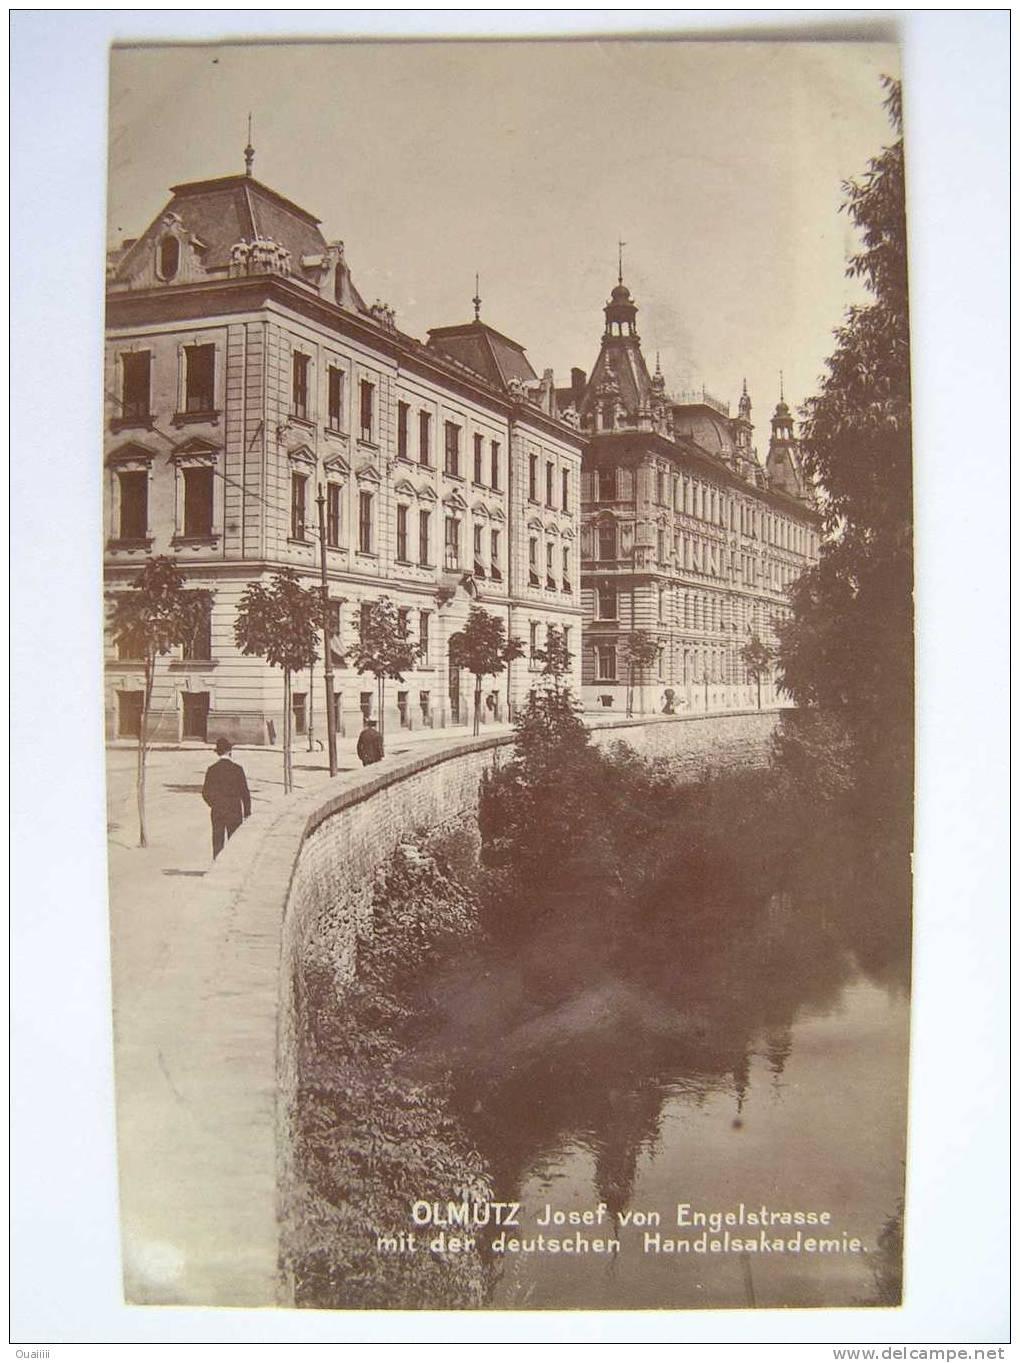 Cpa, Carte Photo, Très Belle Vue Animée, Olmutz Josef Von Engelstrasse Mit Der Deutschen Handelsakademie - Tchéquie